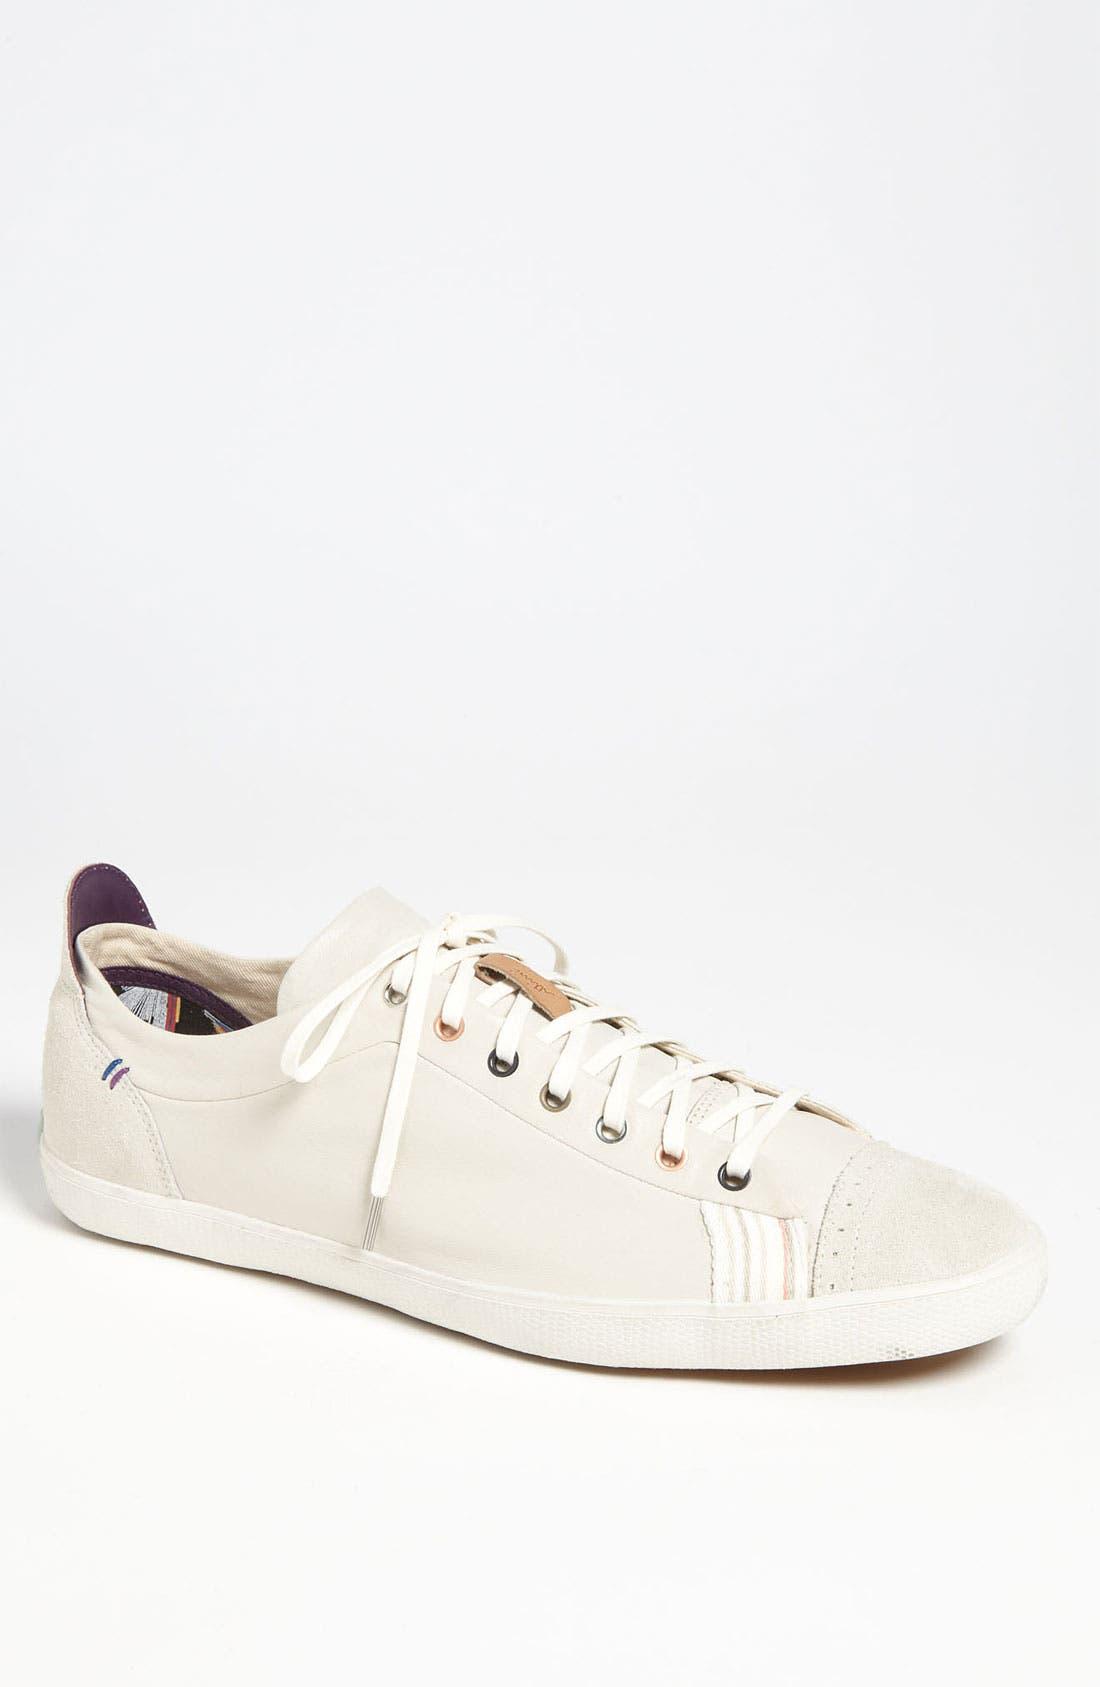 Main Image - Paul Smith 'Vestri Lo Pro' Sneaker